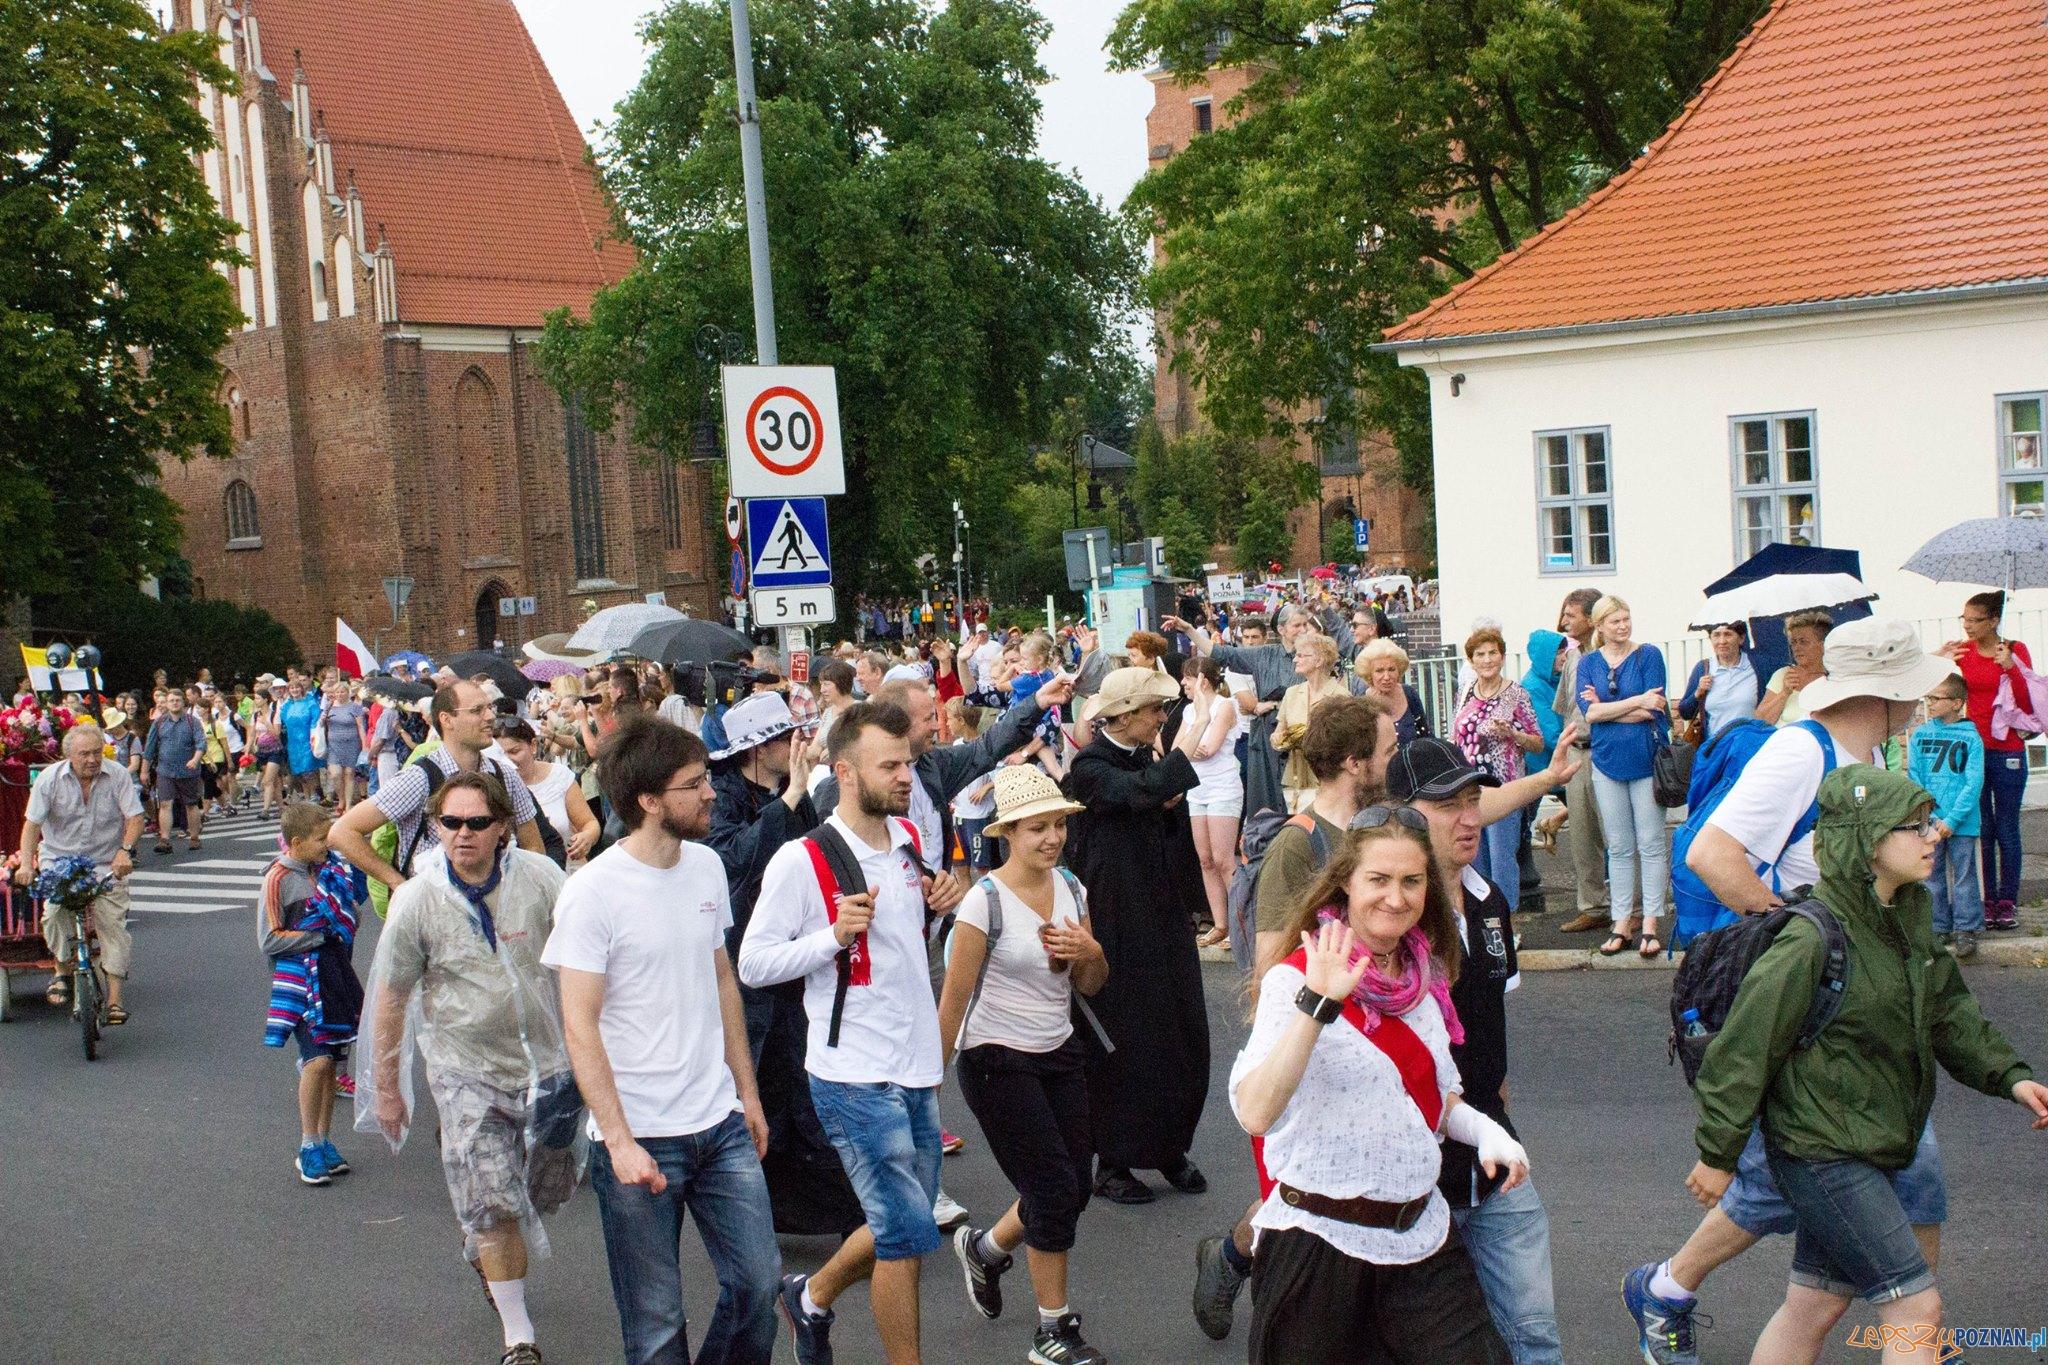 Pielgrzymi z Poznania wyruszyli na Jasną Górę  Foto: facebook / Poznańska Piesza Pielgrzymka